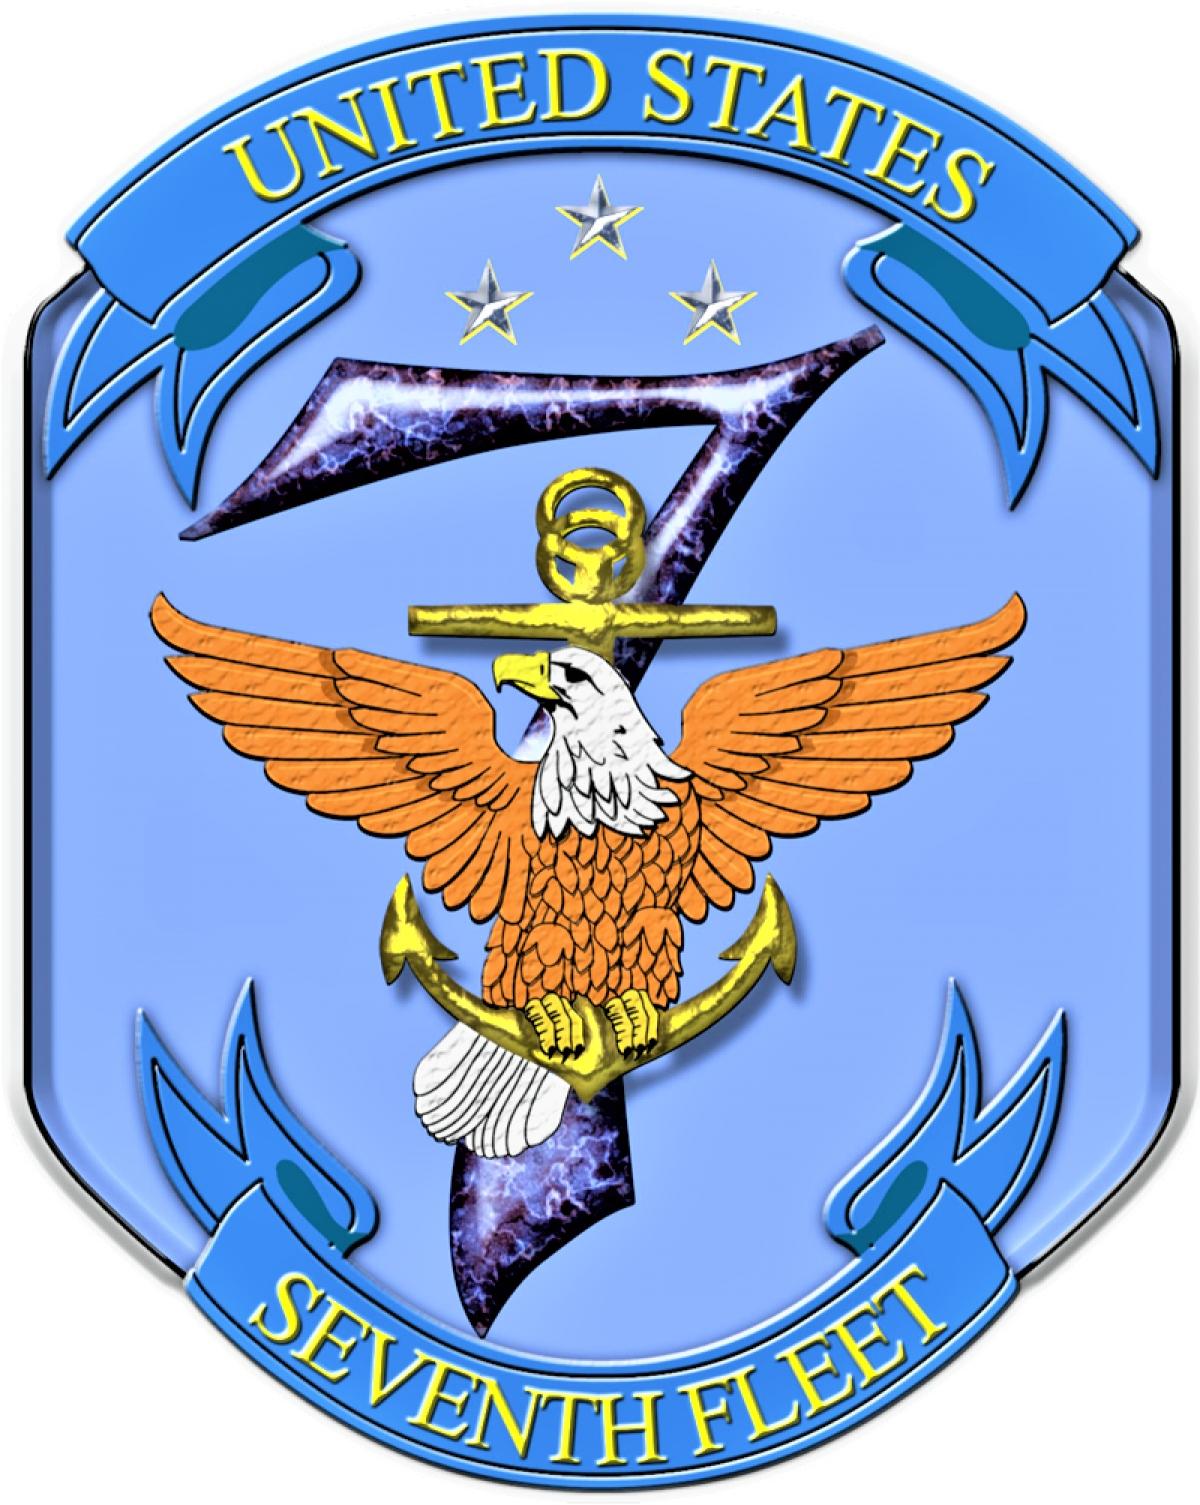 Hạm đội 7 Hải quân Mỹ được cho là đang bị quá tải. Nguồn: wikimedia.org